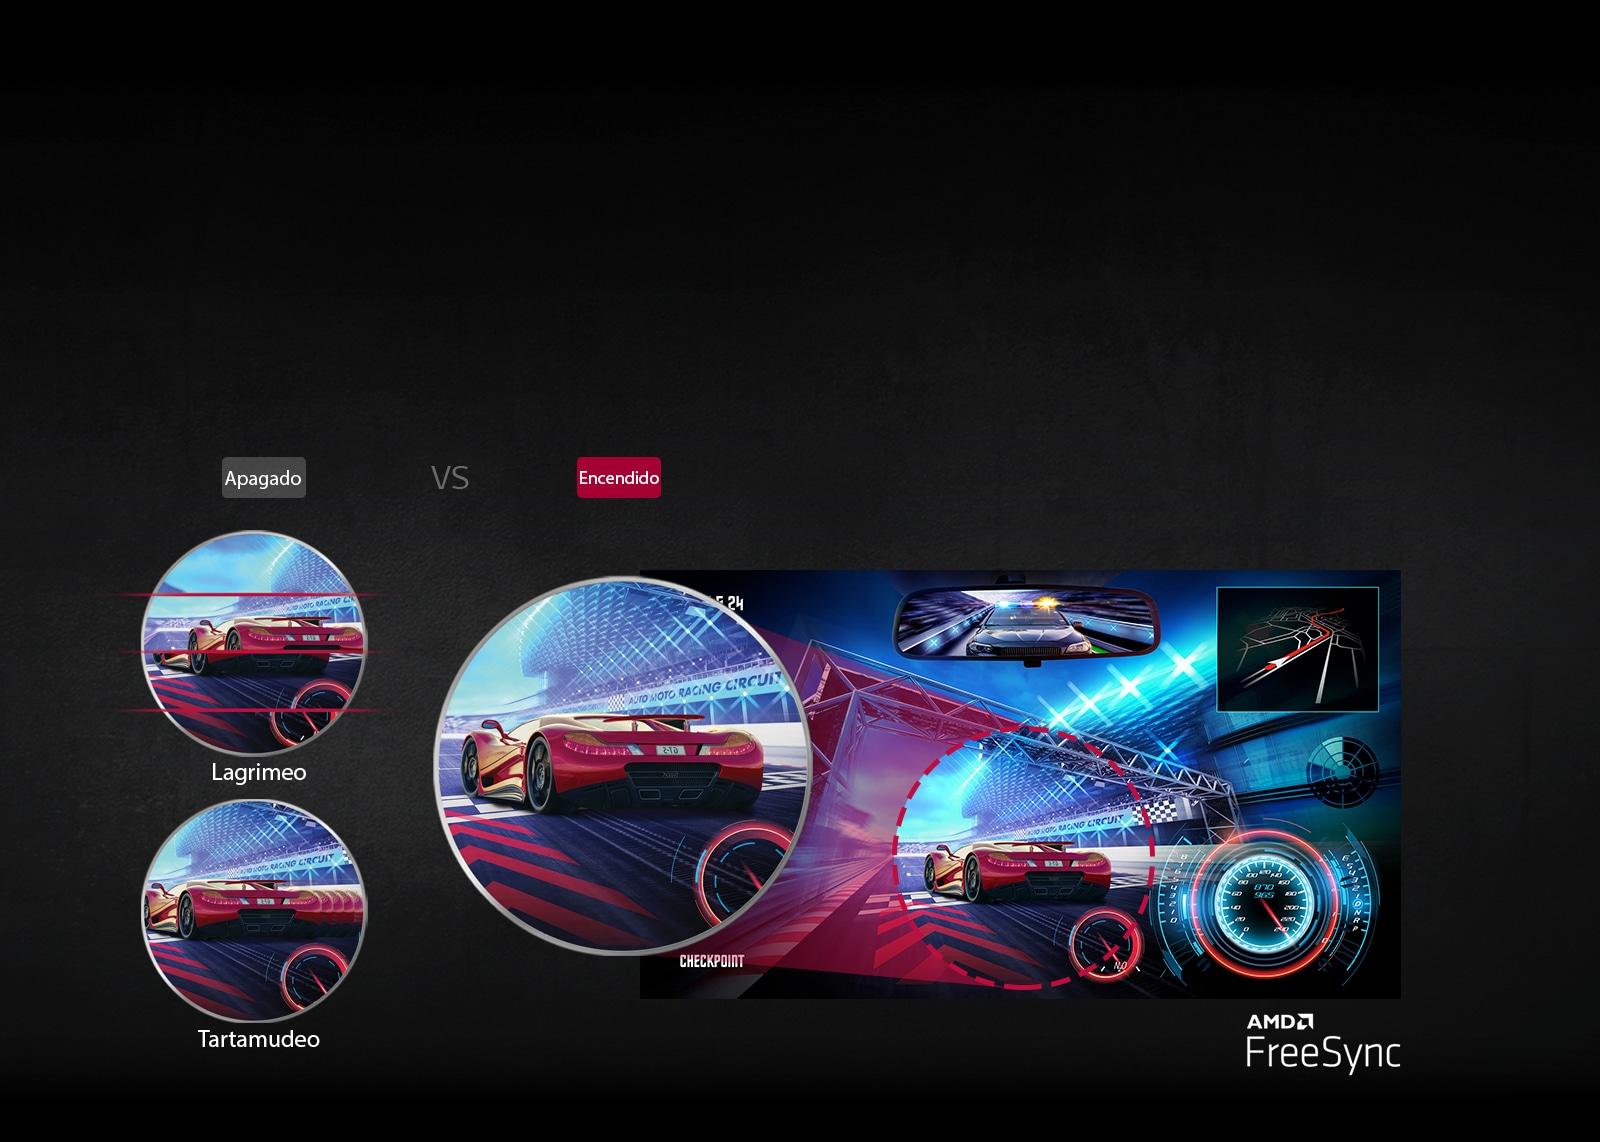 pantalla desgarradora y tartamudeante sin FreeSync Versus pantalla clara con AMD FreeSync™